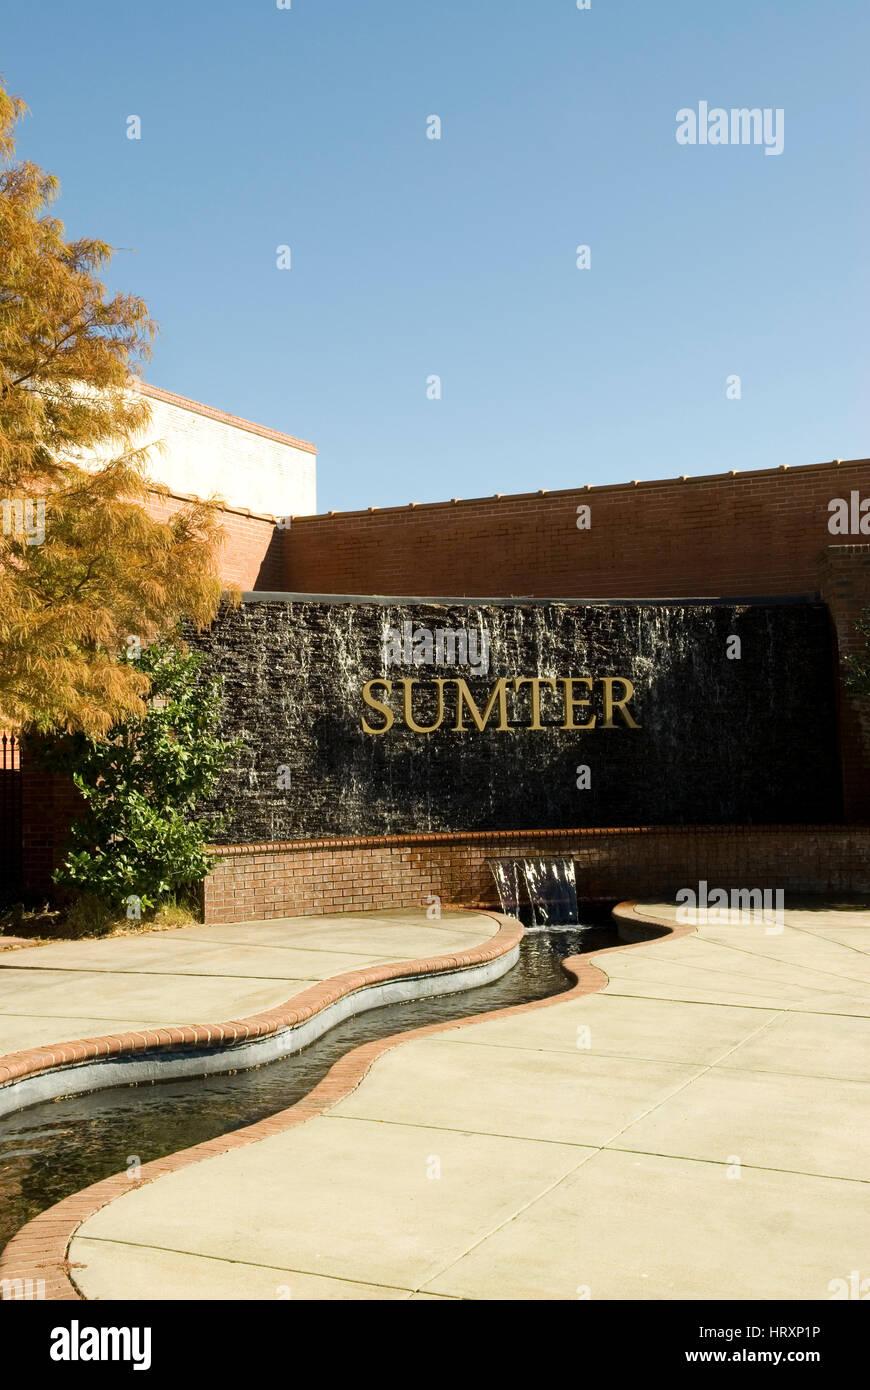 Centennial Plaza Sumter SC, USA. - Stock Image